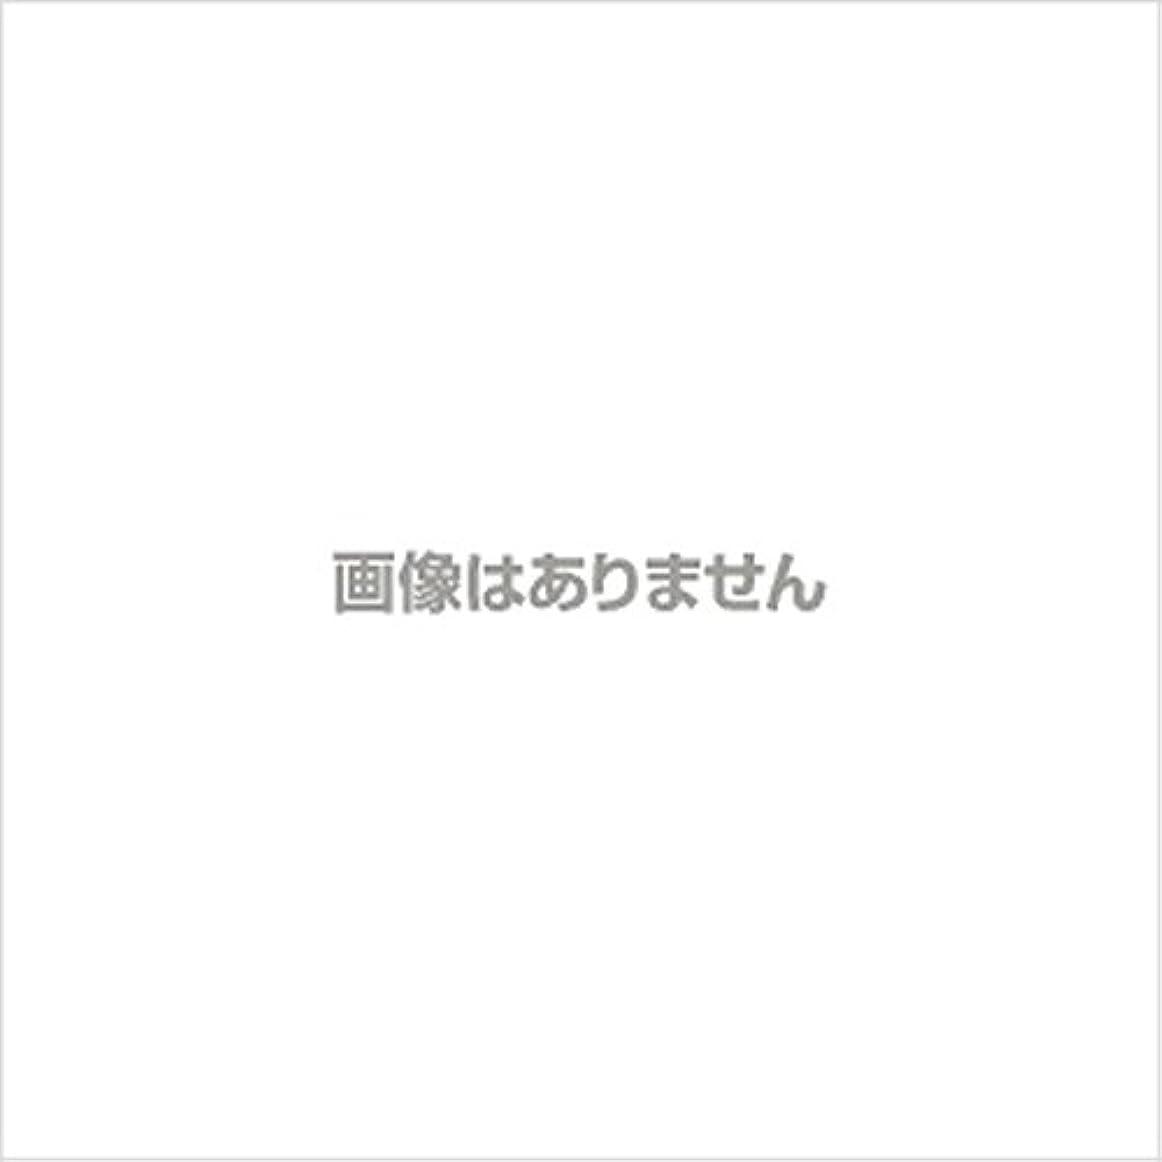 小道連鎖扱いやすい【新発売】EBUKEA エブケアNO1004 プラスチックグローブ(パウダーフリー?粉なし)Sサイズ 100枚入(極薄?半透明)